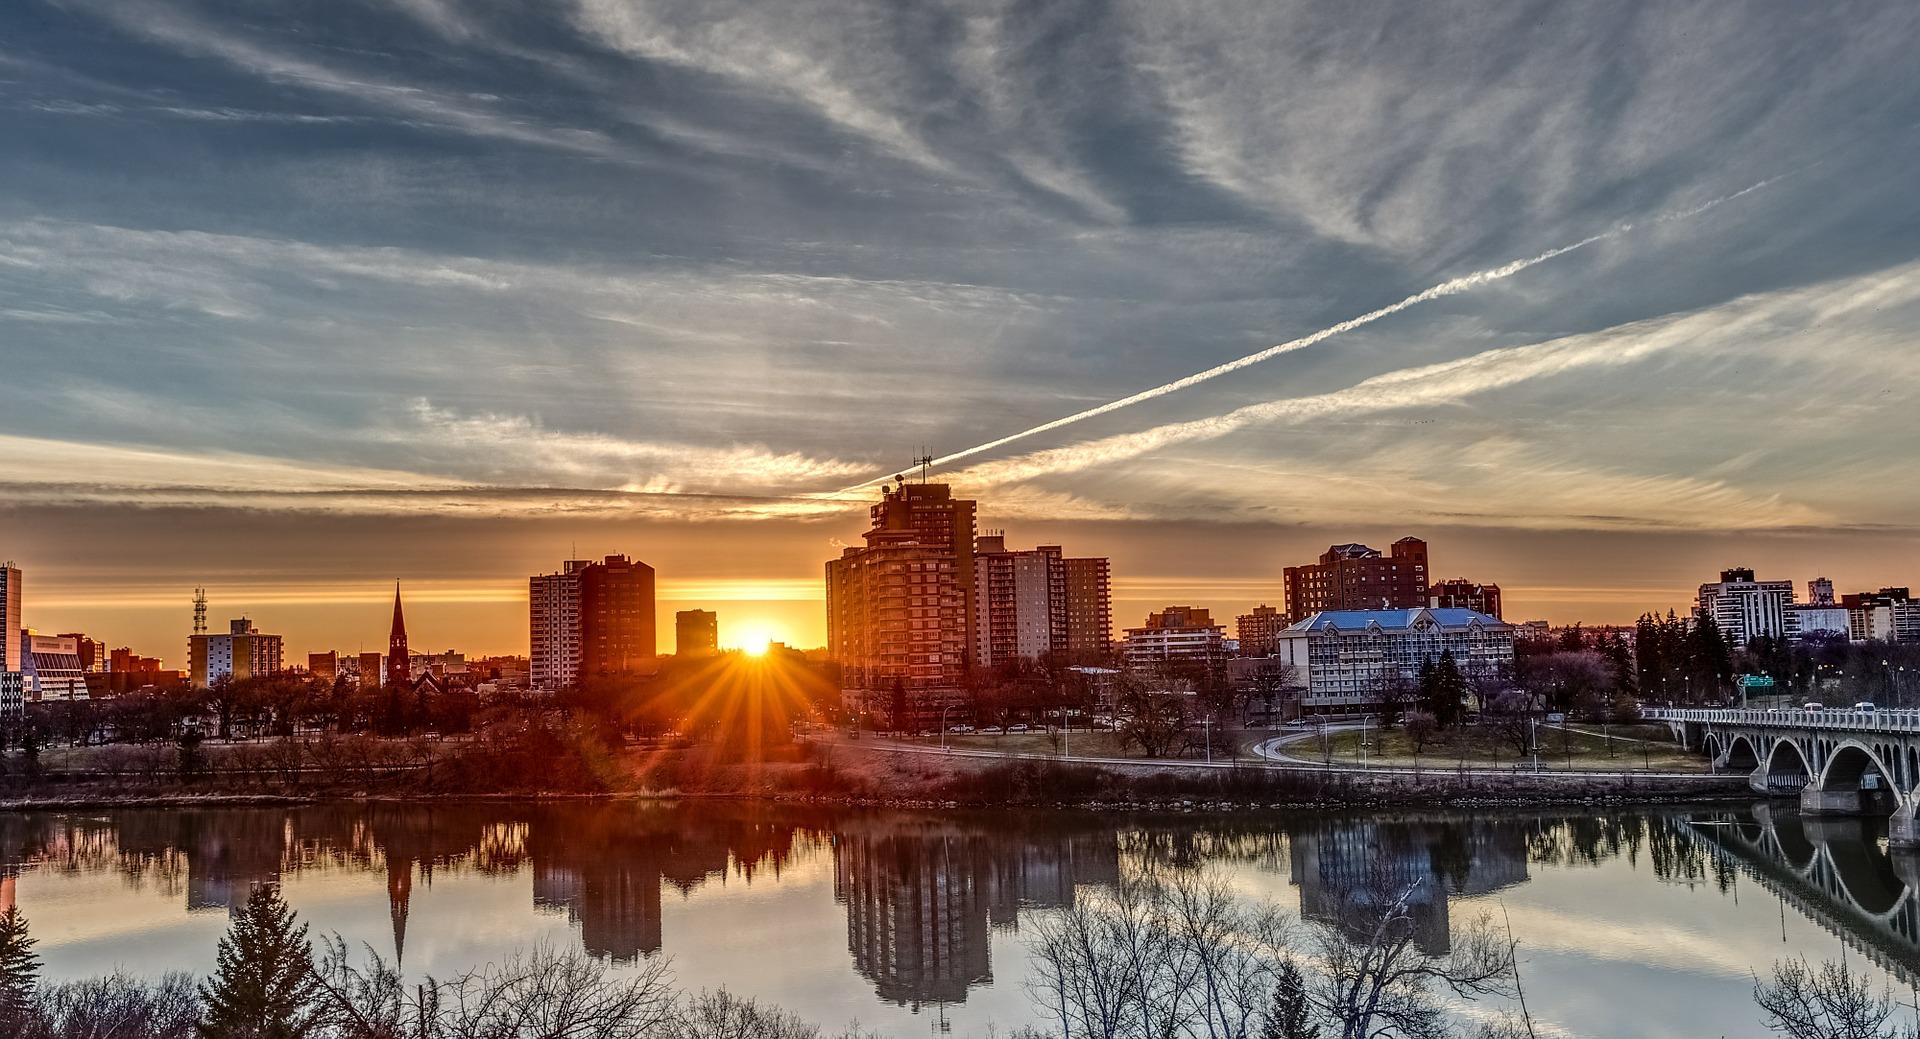 Saskatchewan Immigrant Nominee Program Draw Feb 27,2020